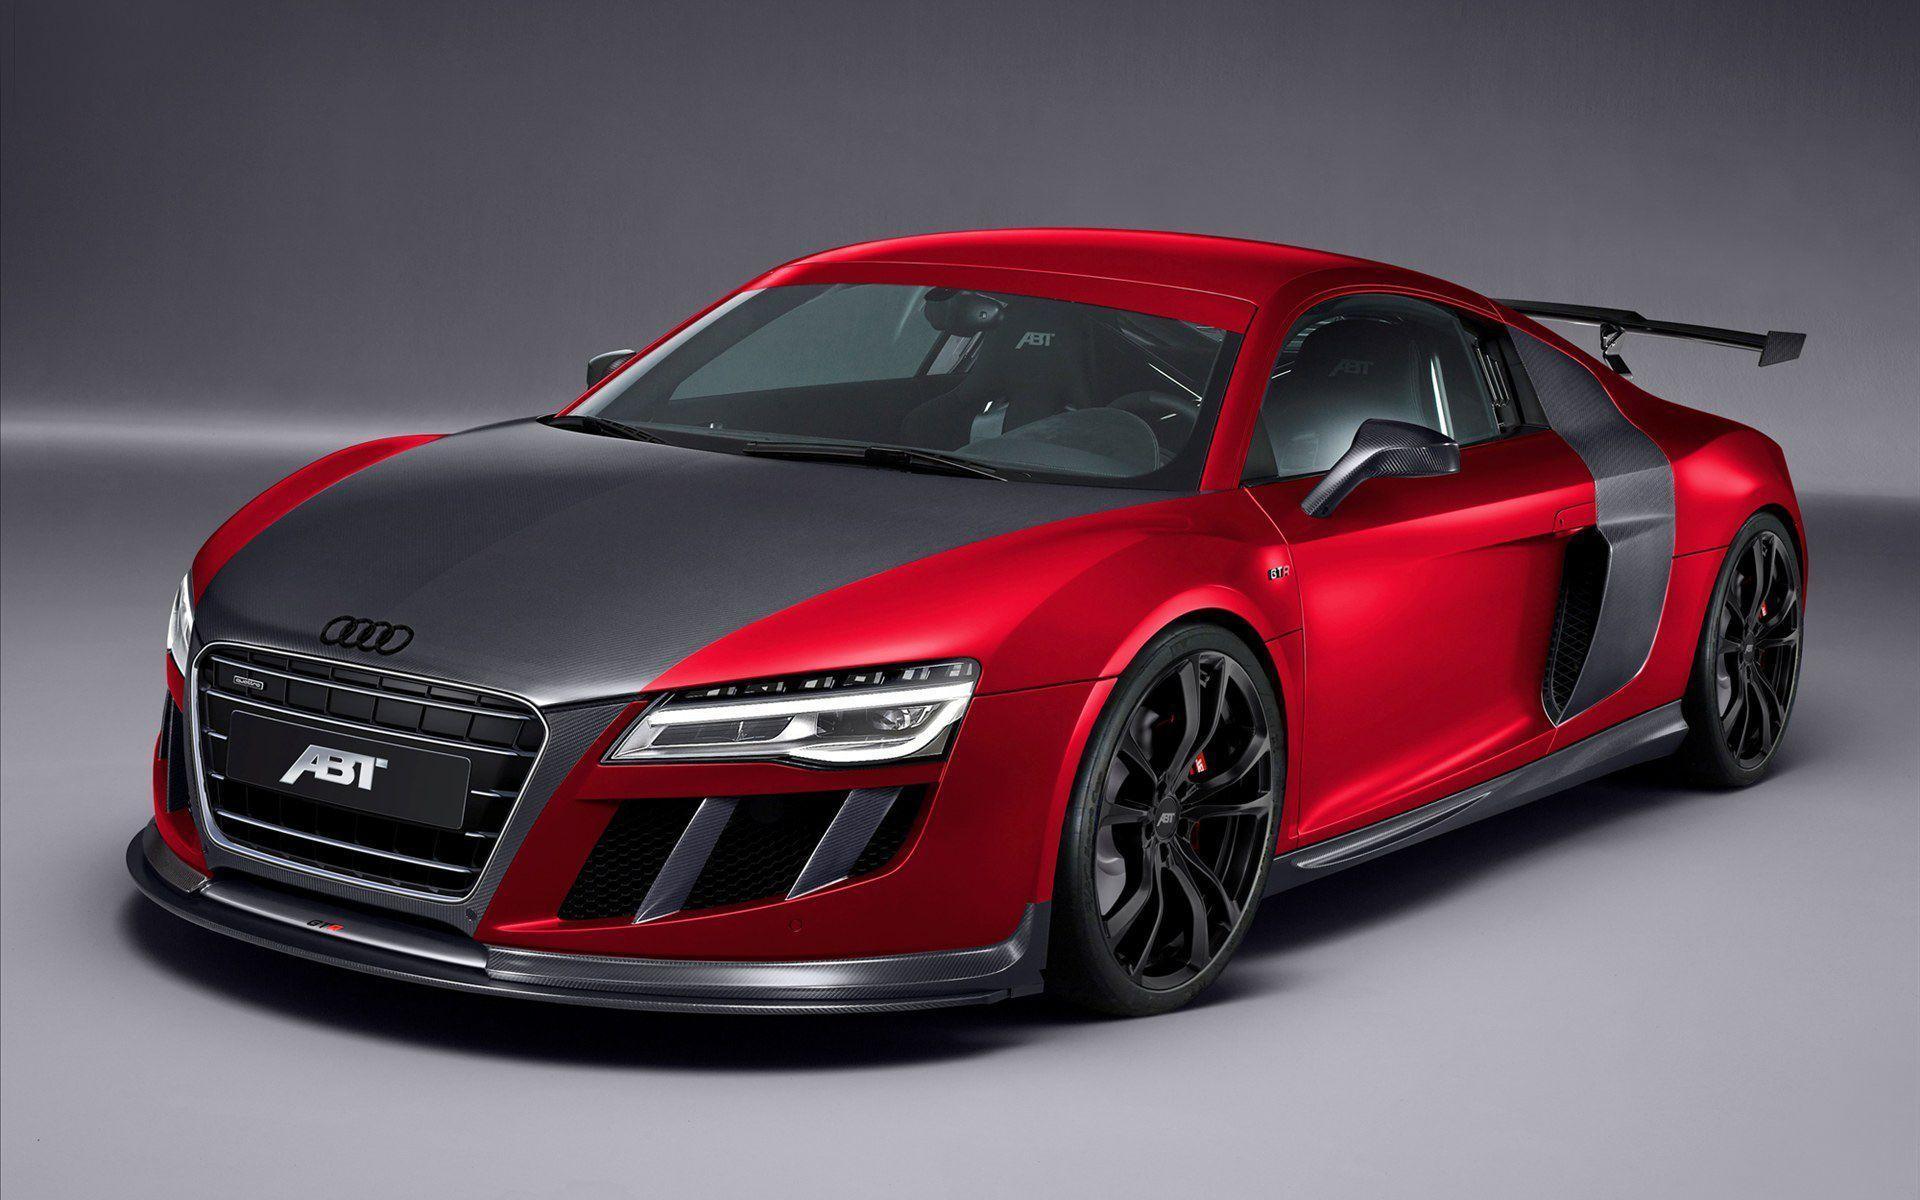 Audi R8 Sports Car Wallpaper